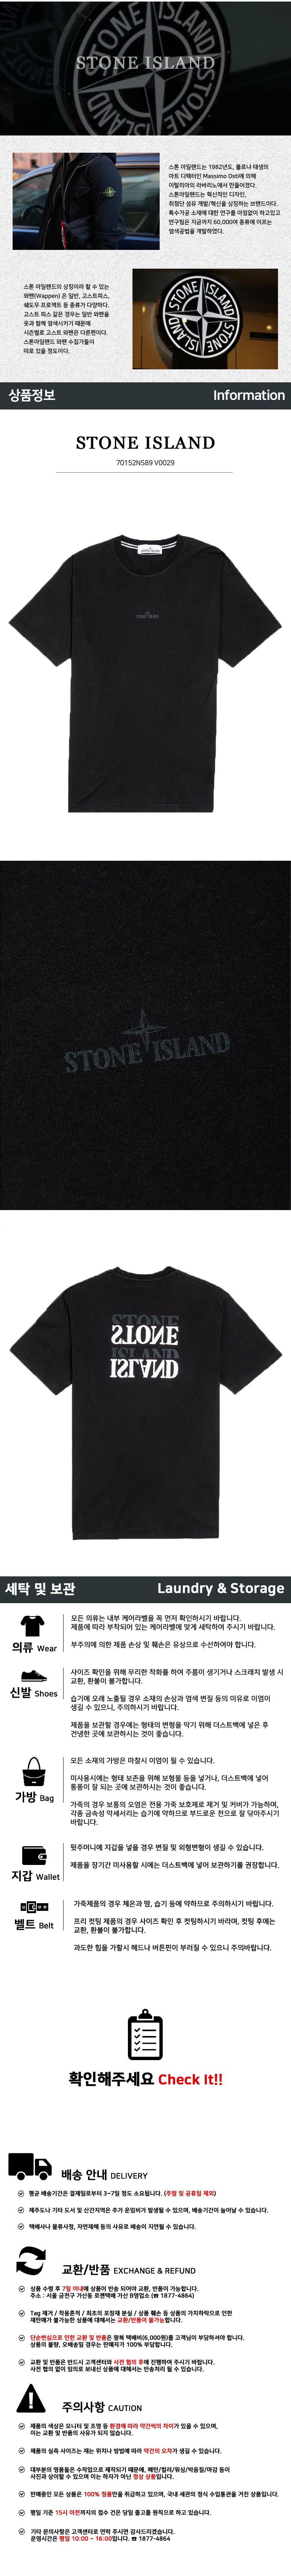 스톤아일랜드 70152NS89 V0029 레터링 반팔 티셔츠 T19C419